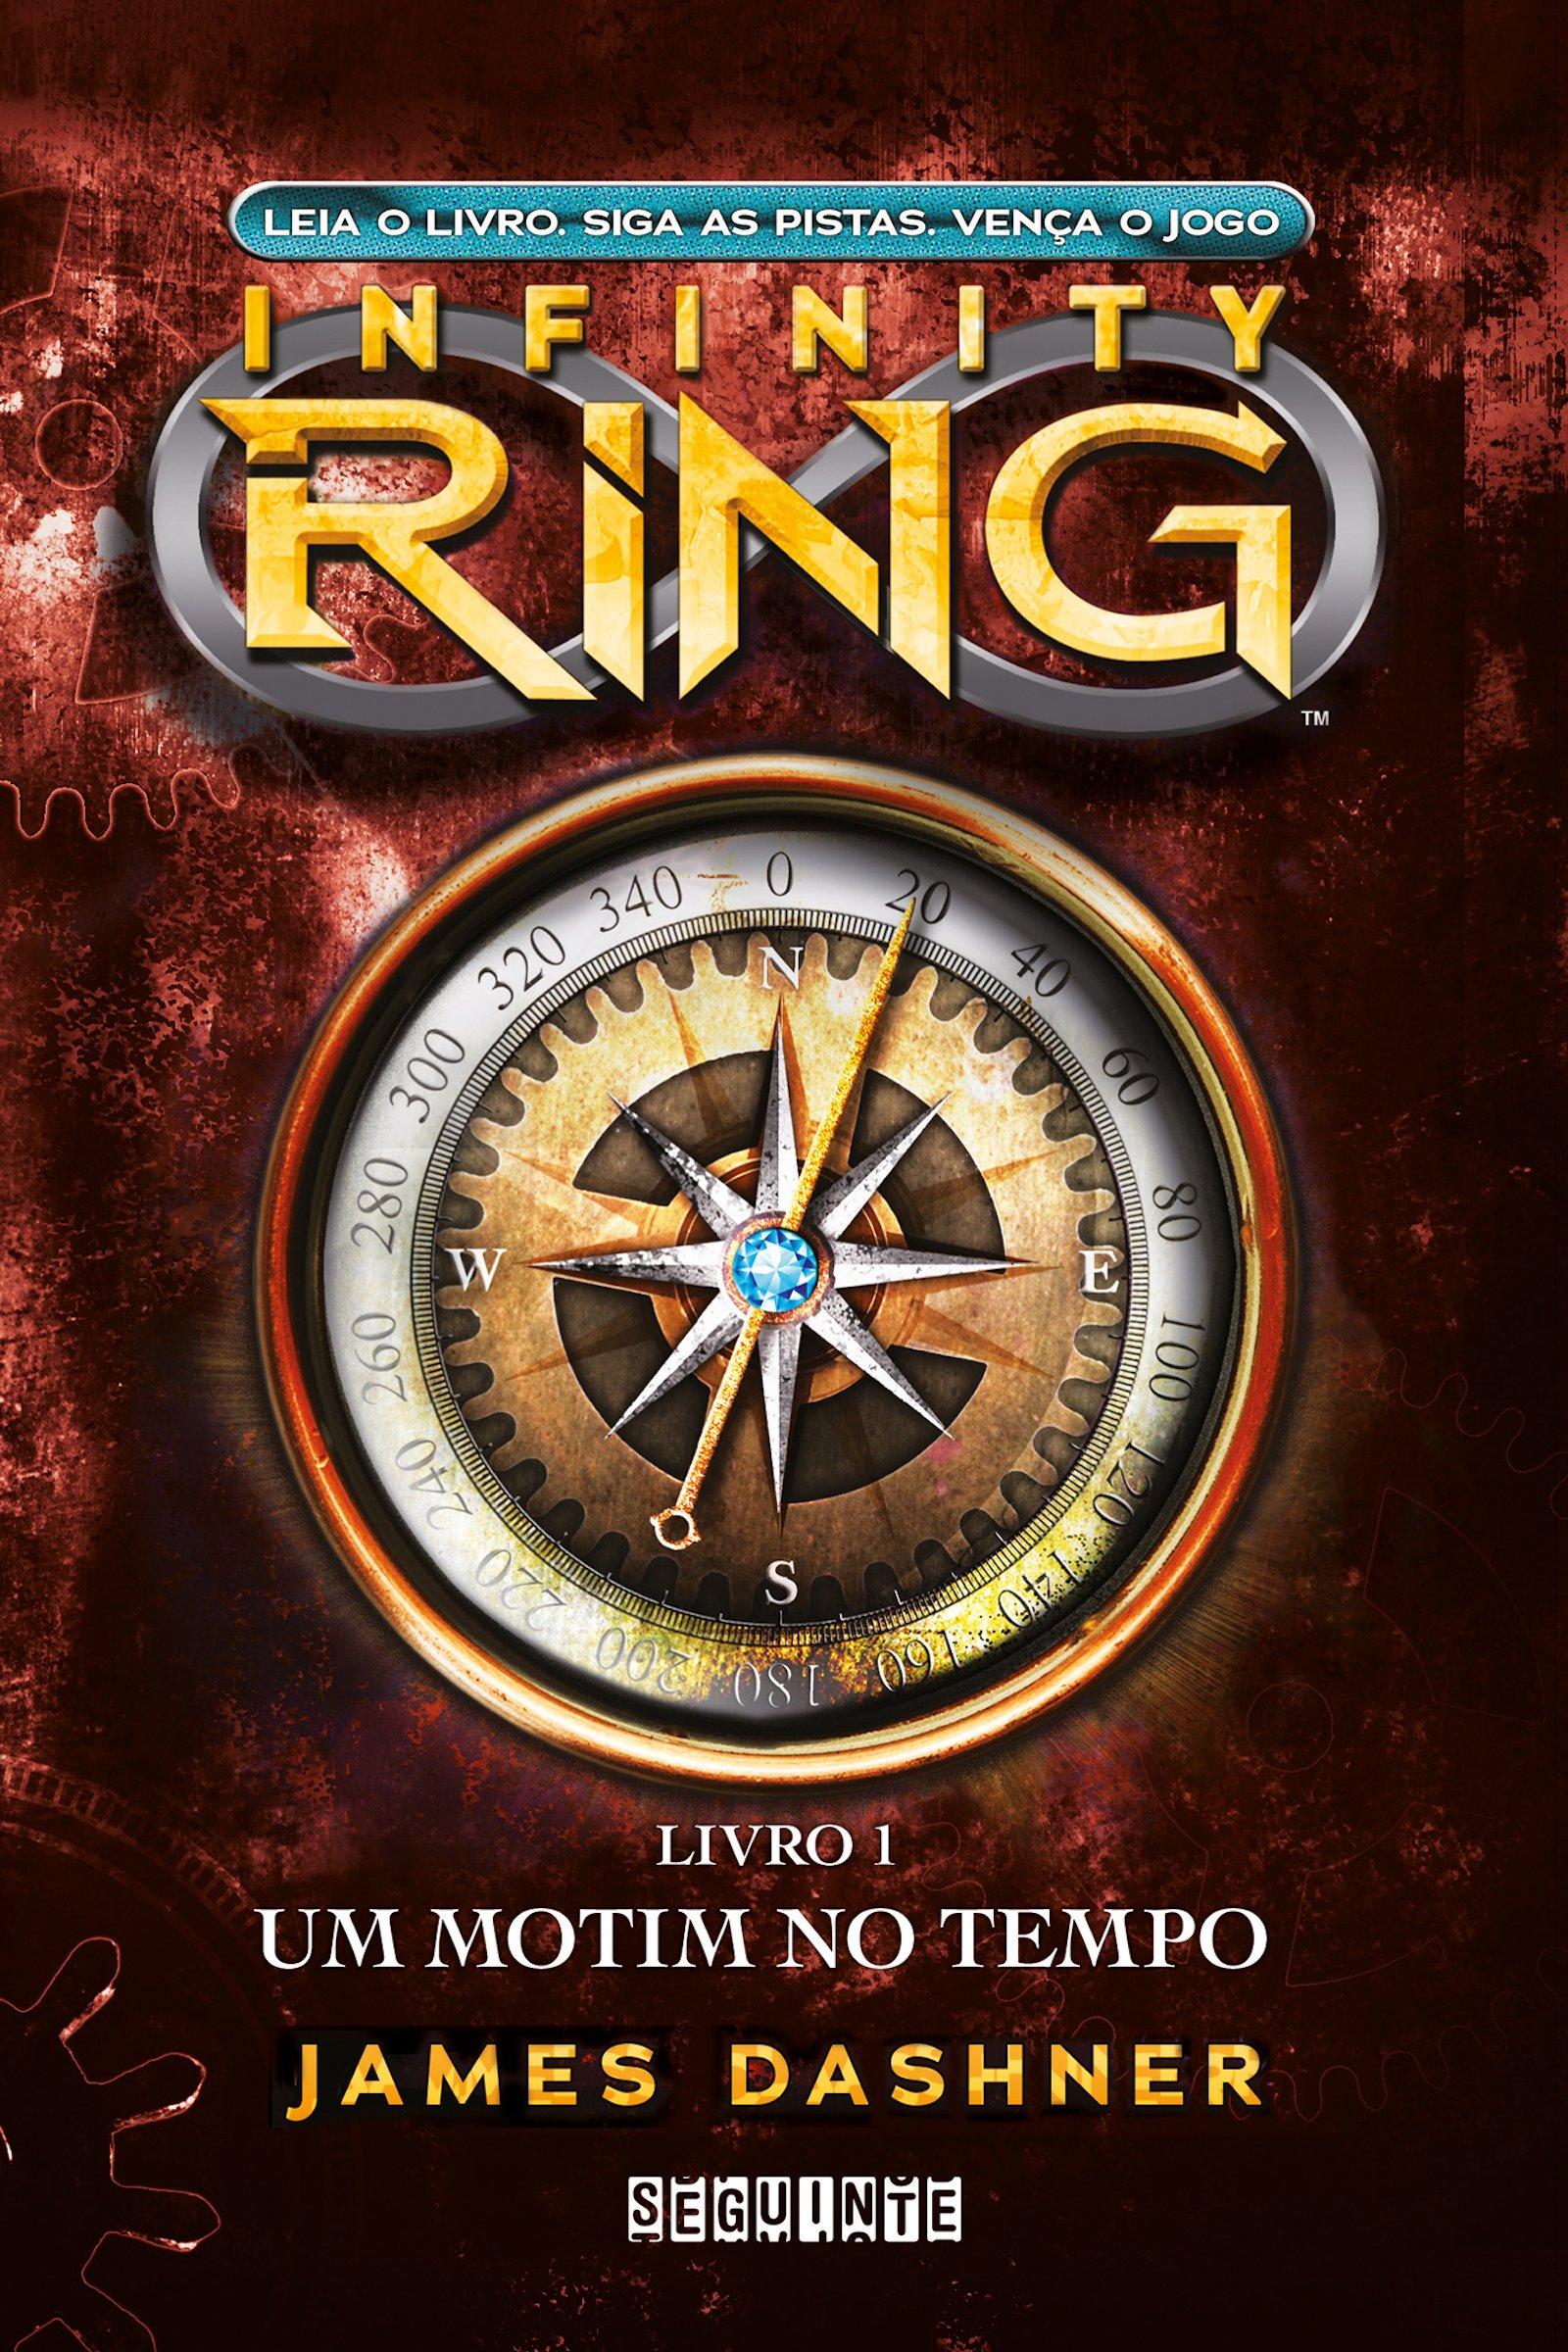 Um motim no tempo (Infinity Ring Livro 1)